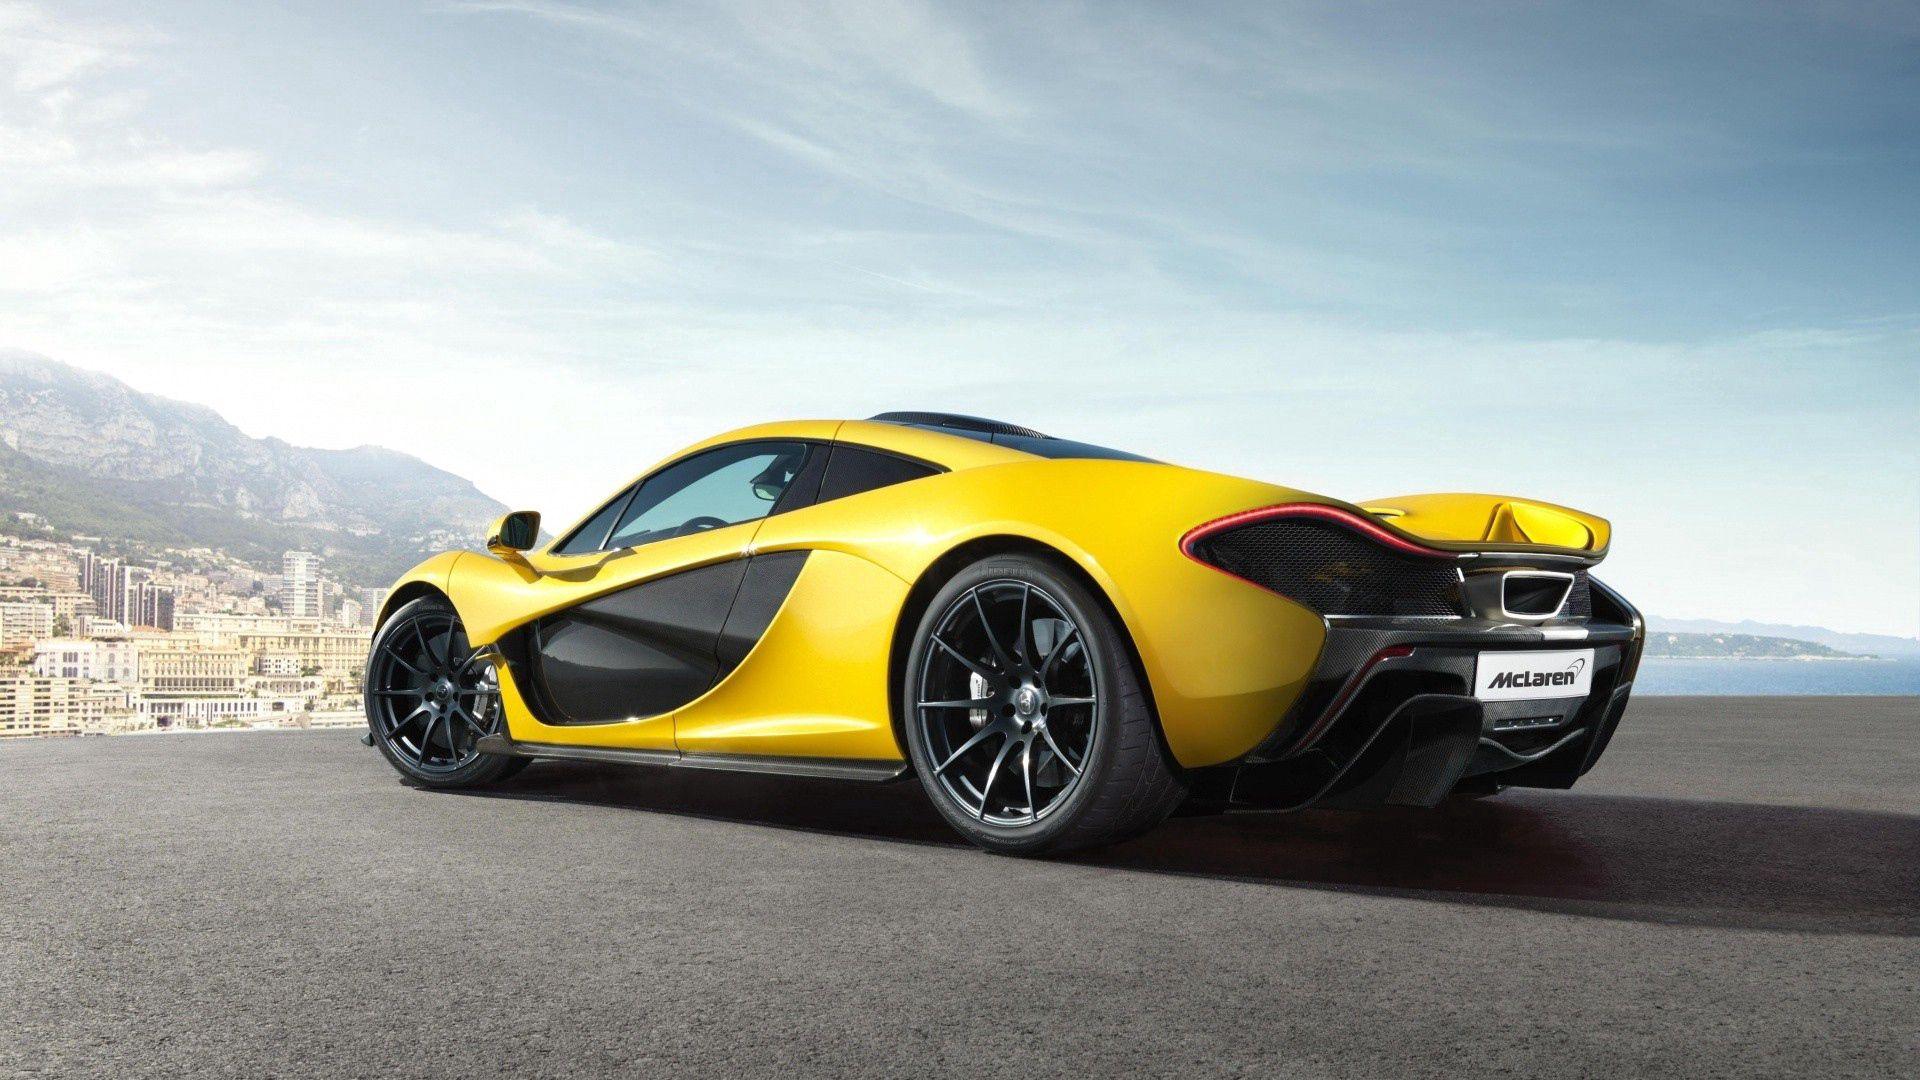 145759 скачать обои Тачки (Cars), Макларен (Mclaren), Mclaren P1, Машины, Желтый, Спорт - заставки и картинки бесплатно